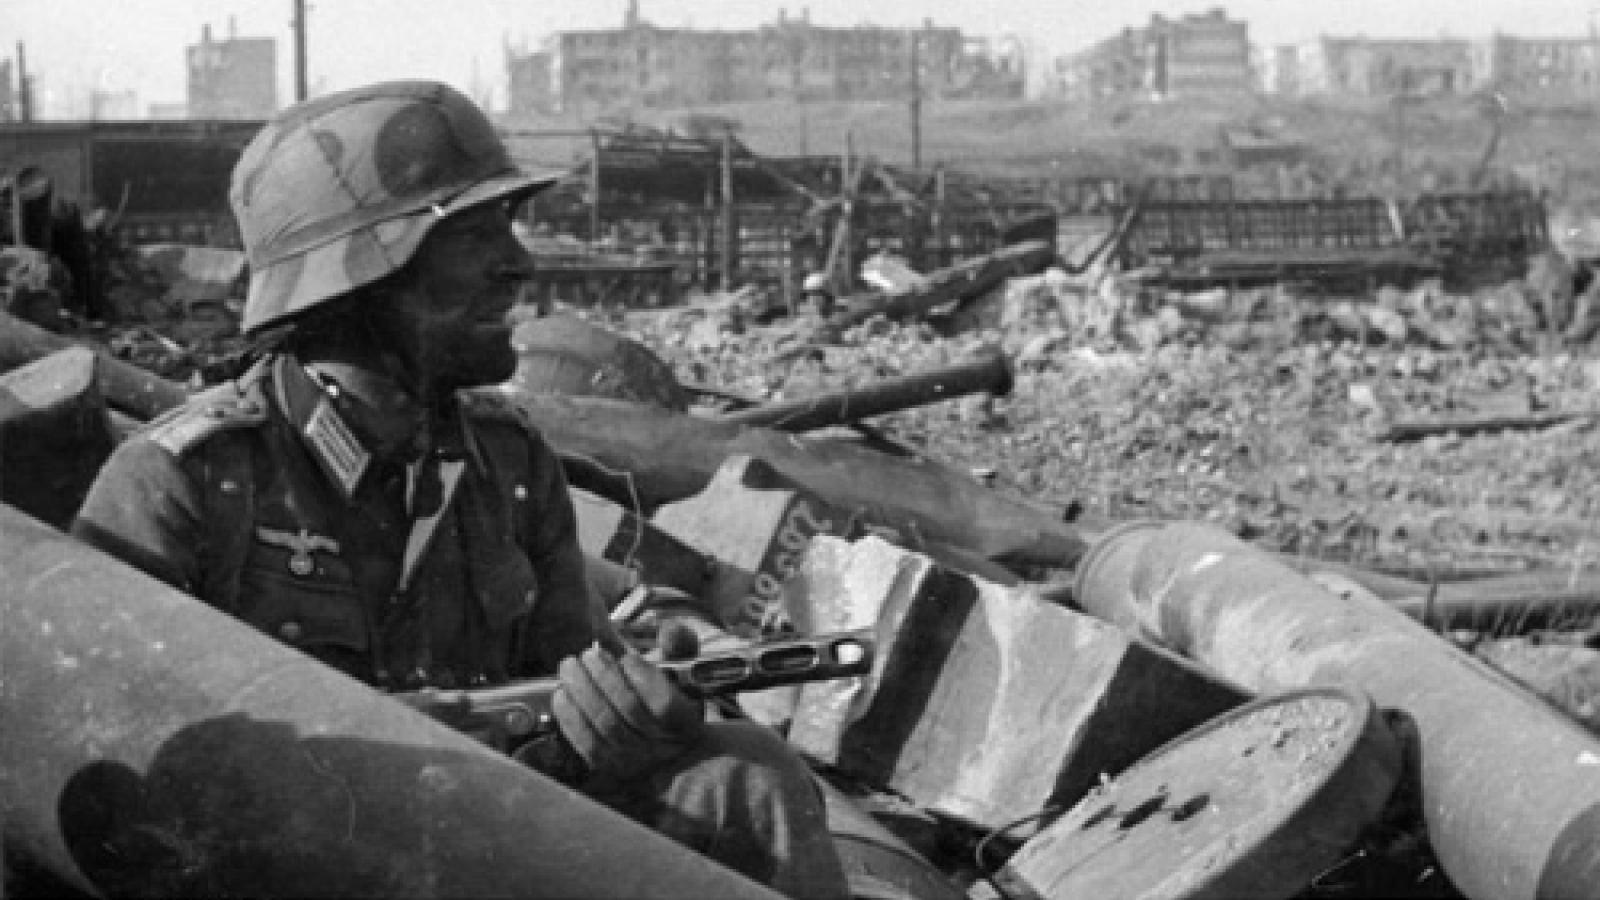 """""""Đội quân"""" chuột và nỗi ám ảnh kinh hoàng của Đức Quốc xã trong Trận Stalingrad"""